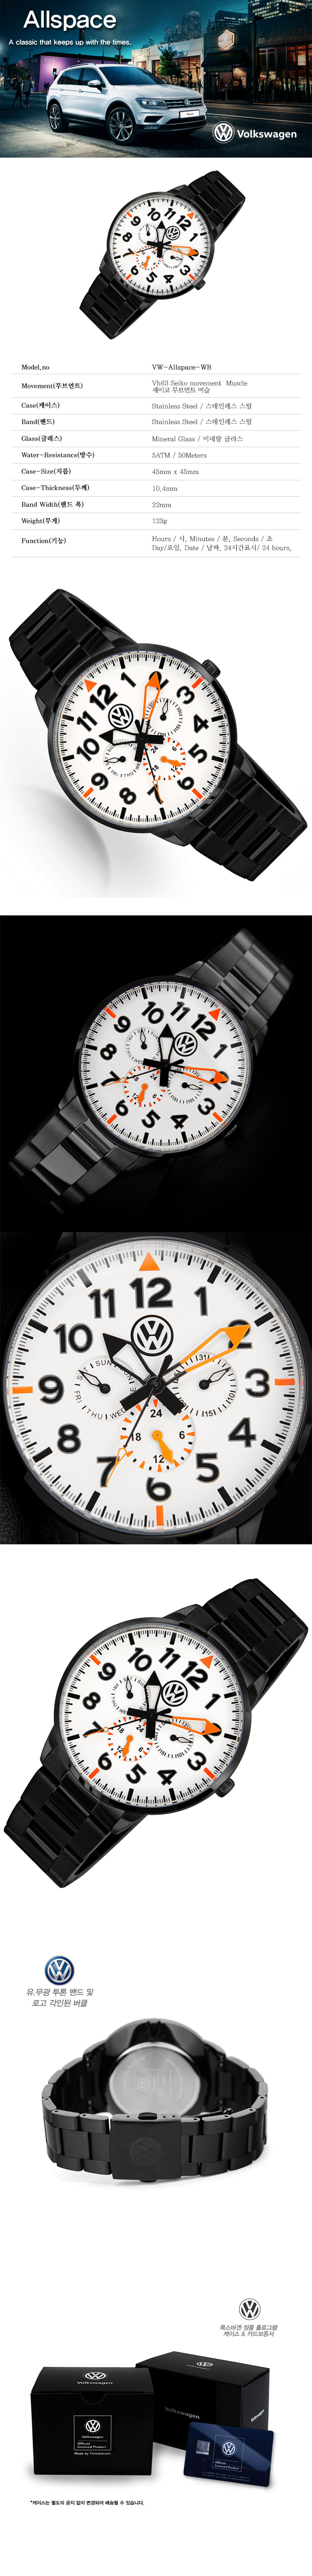 폭스바겐 멀티펑션 메탈시계 VW-Allspace-WB